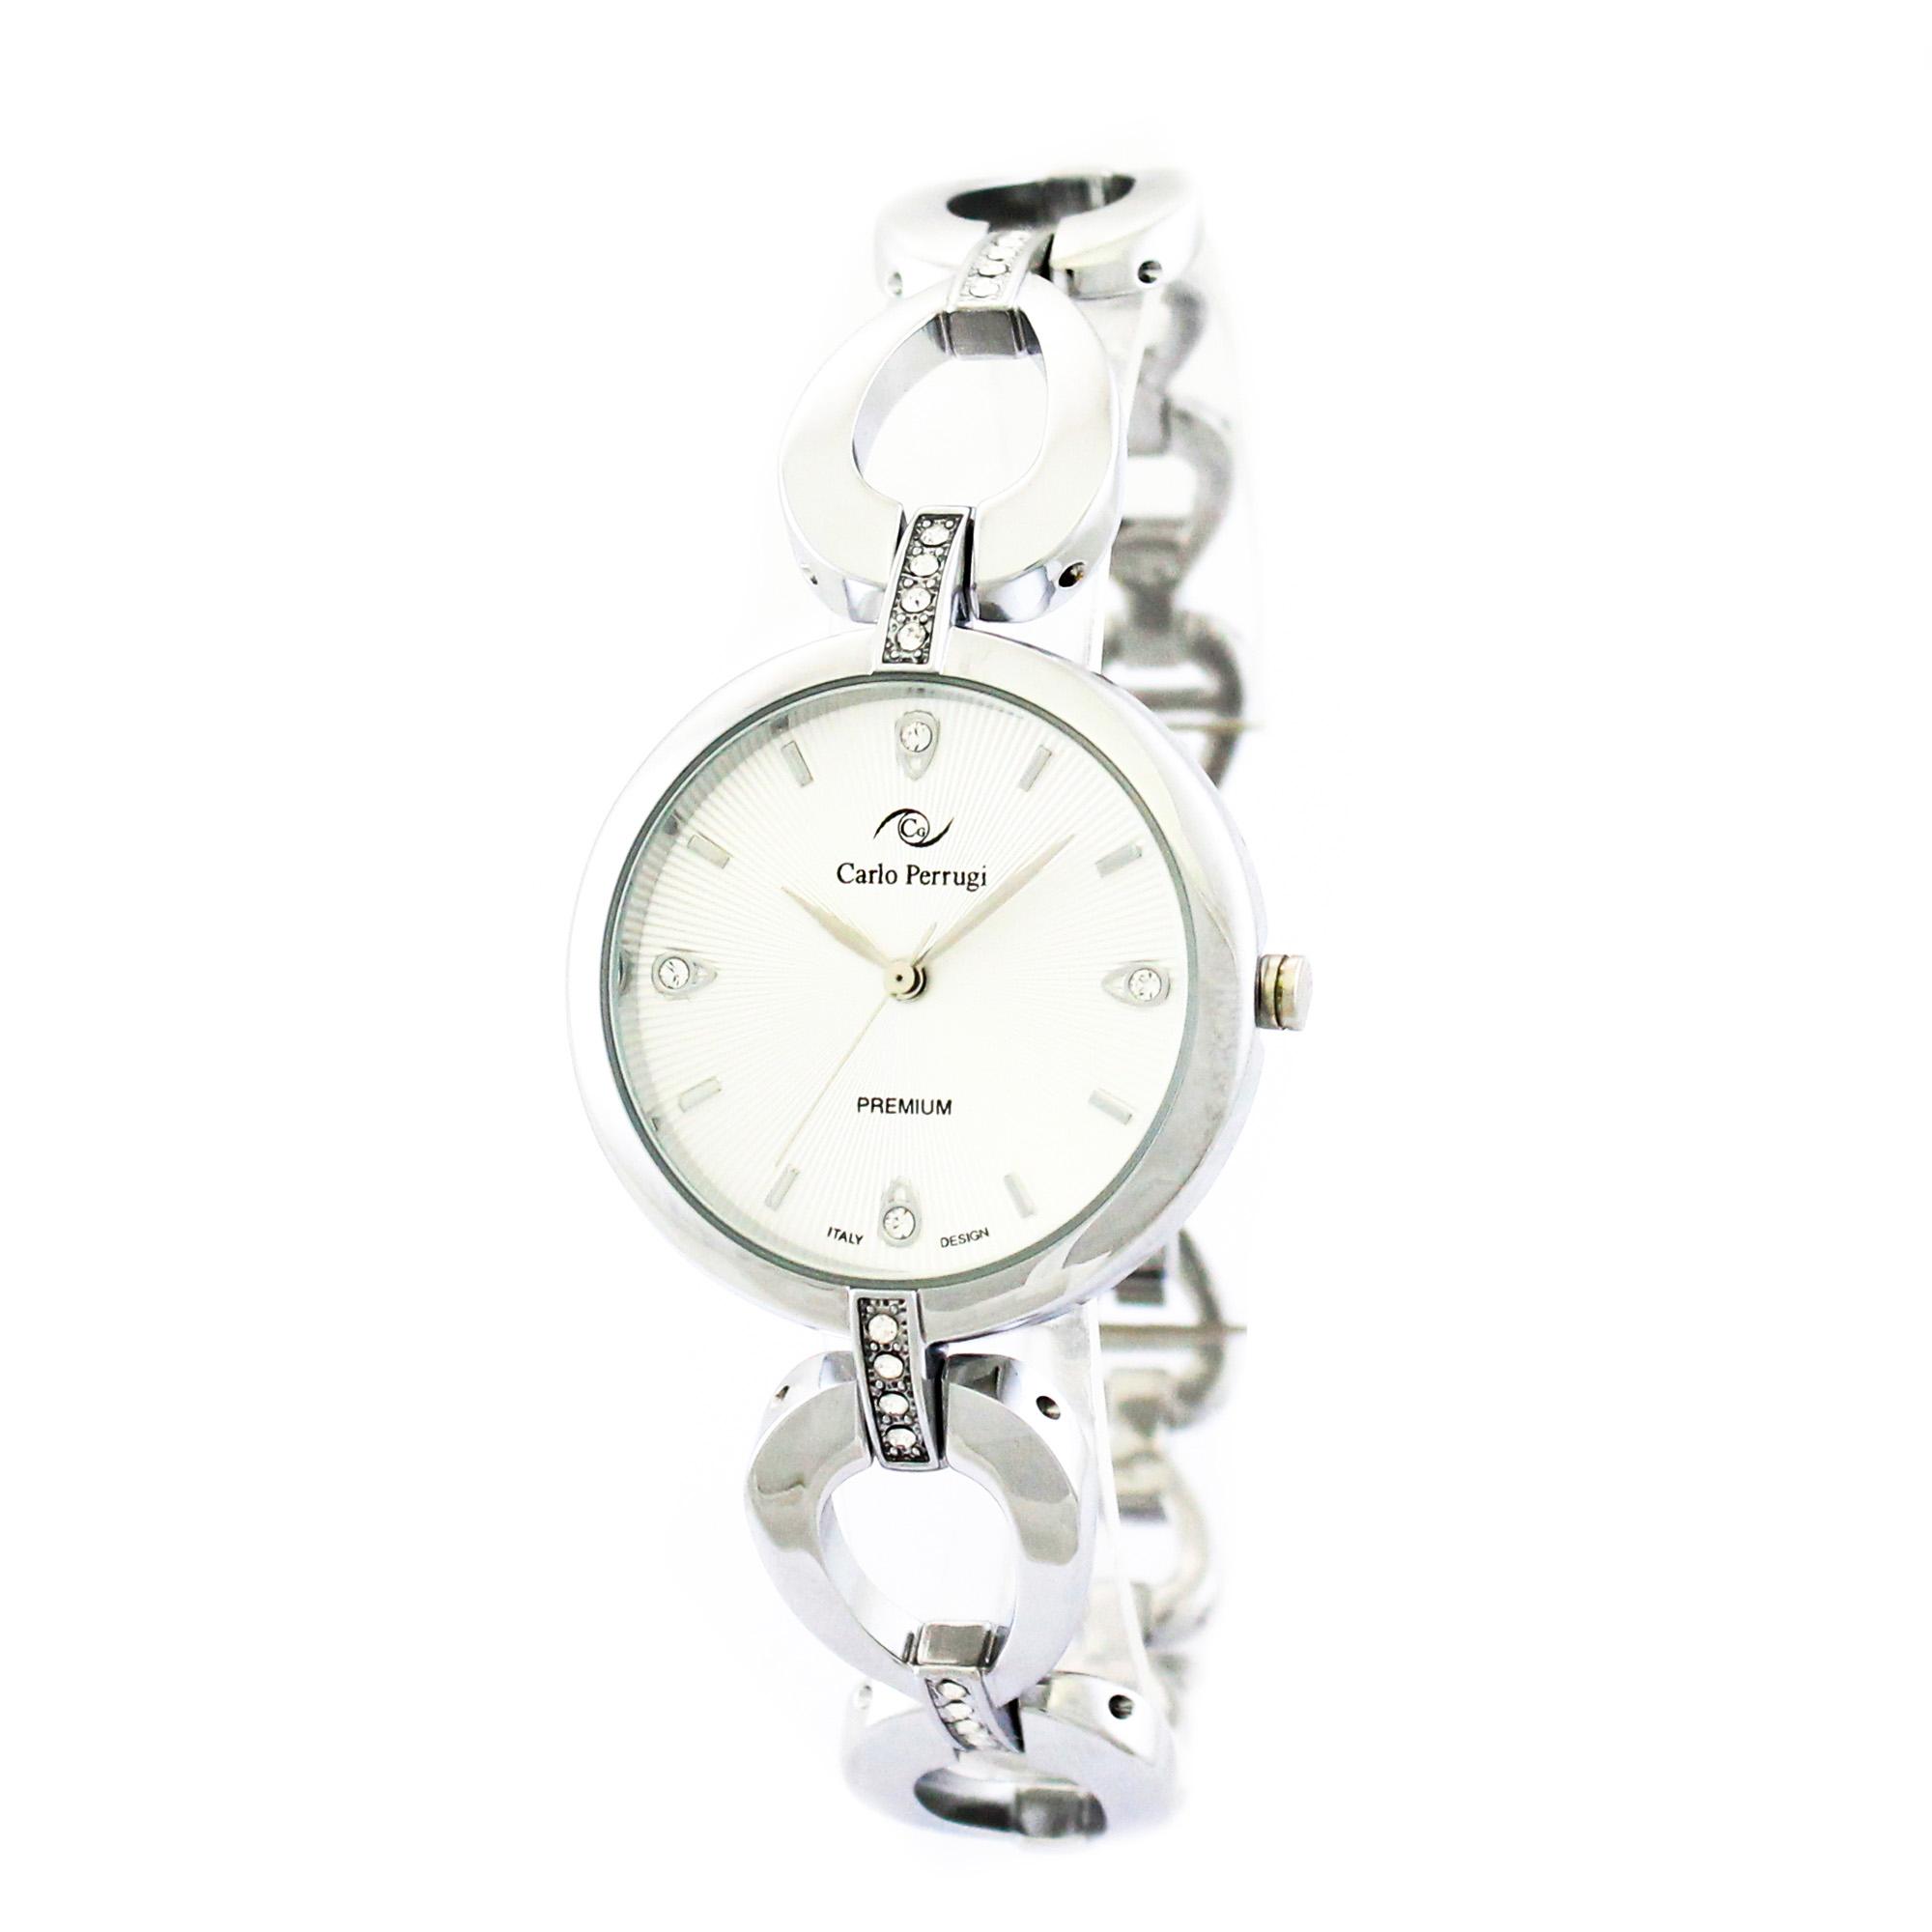 ساعت مچی عقربه ای زنانه کارلو پروجی مدل SL002012-1 35